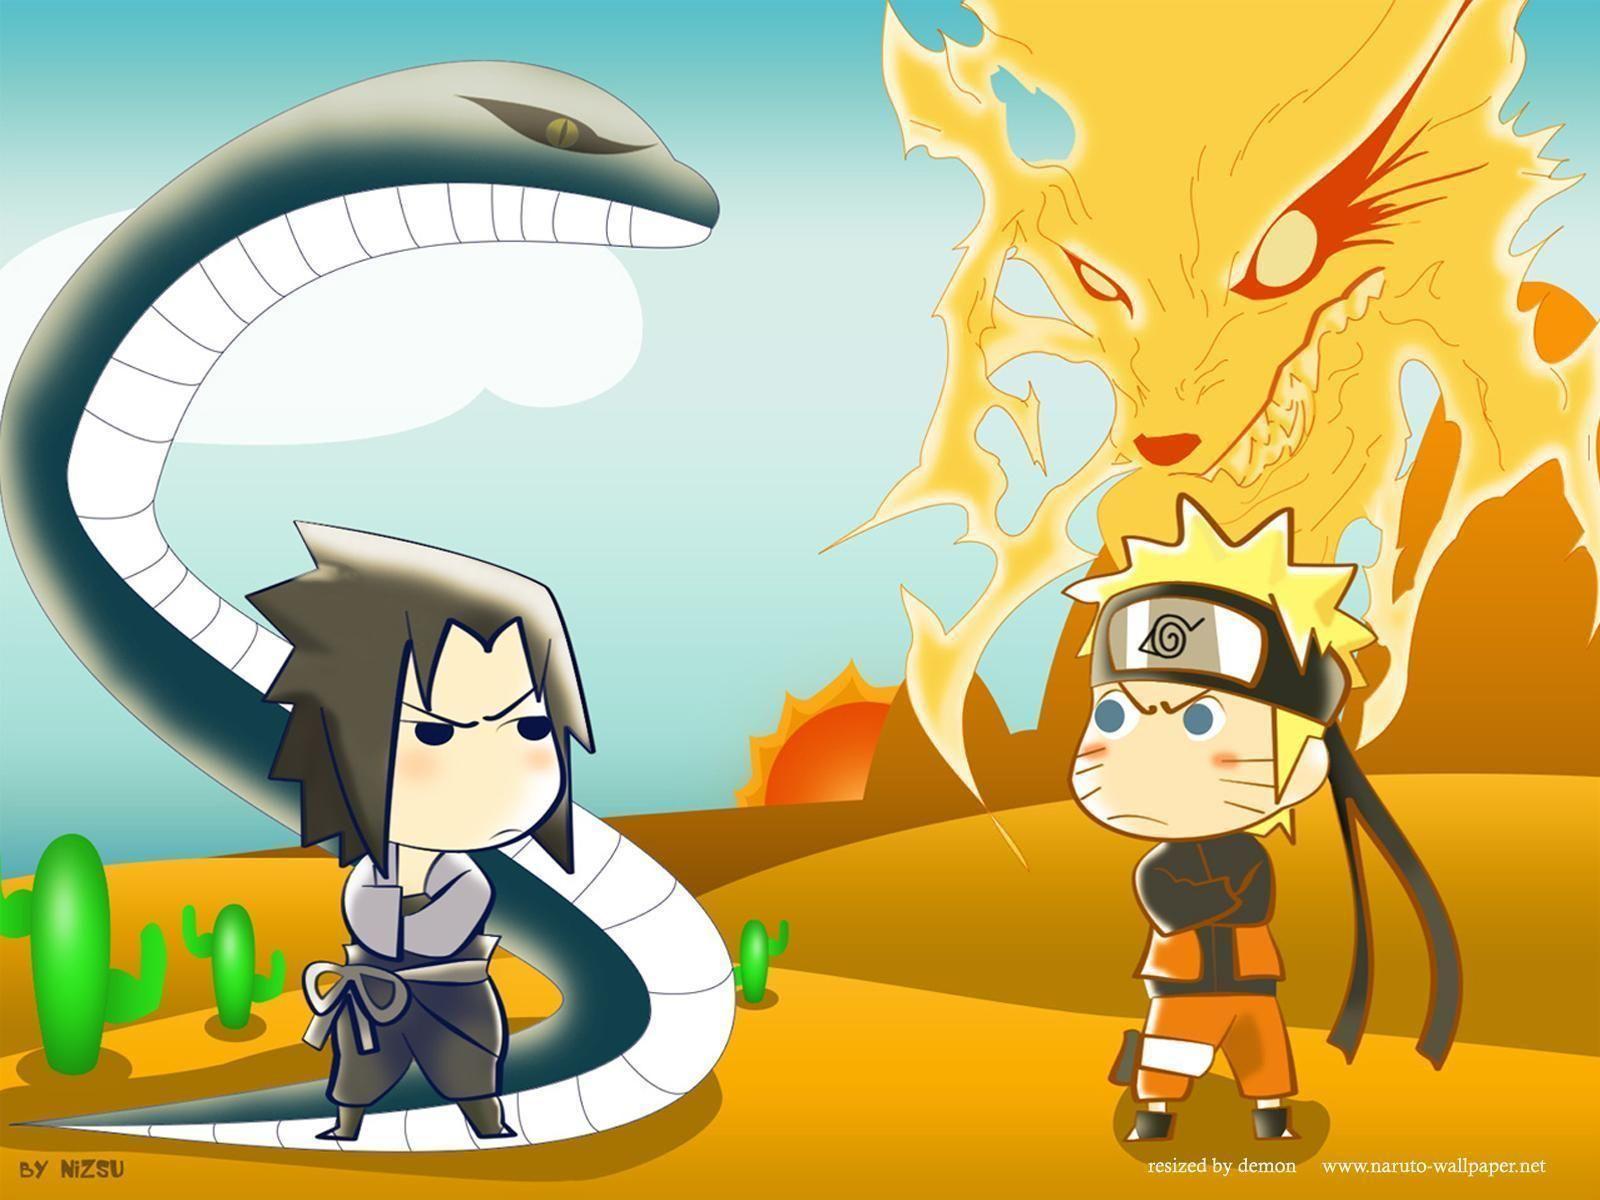 Wallpaper 3d Bergerak Free Download Anime gambar ke 12